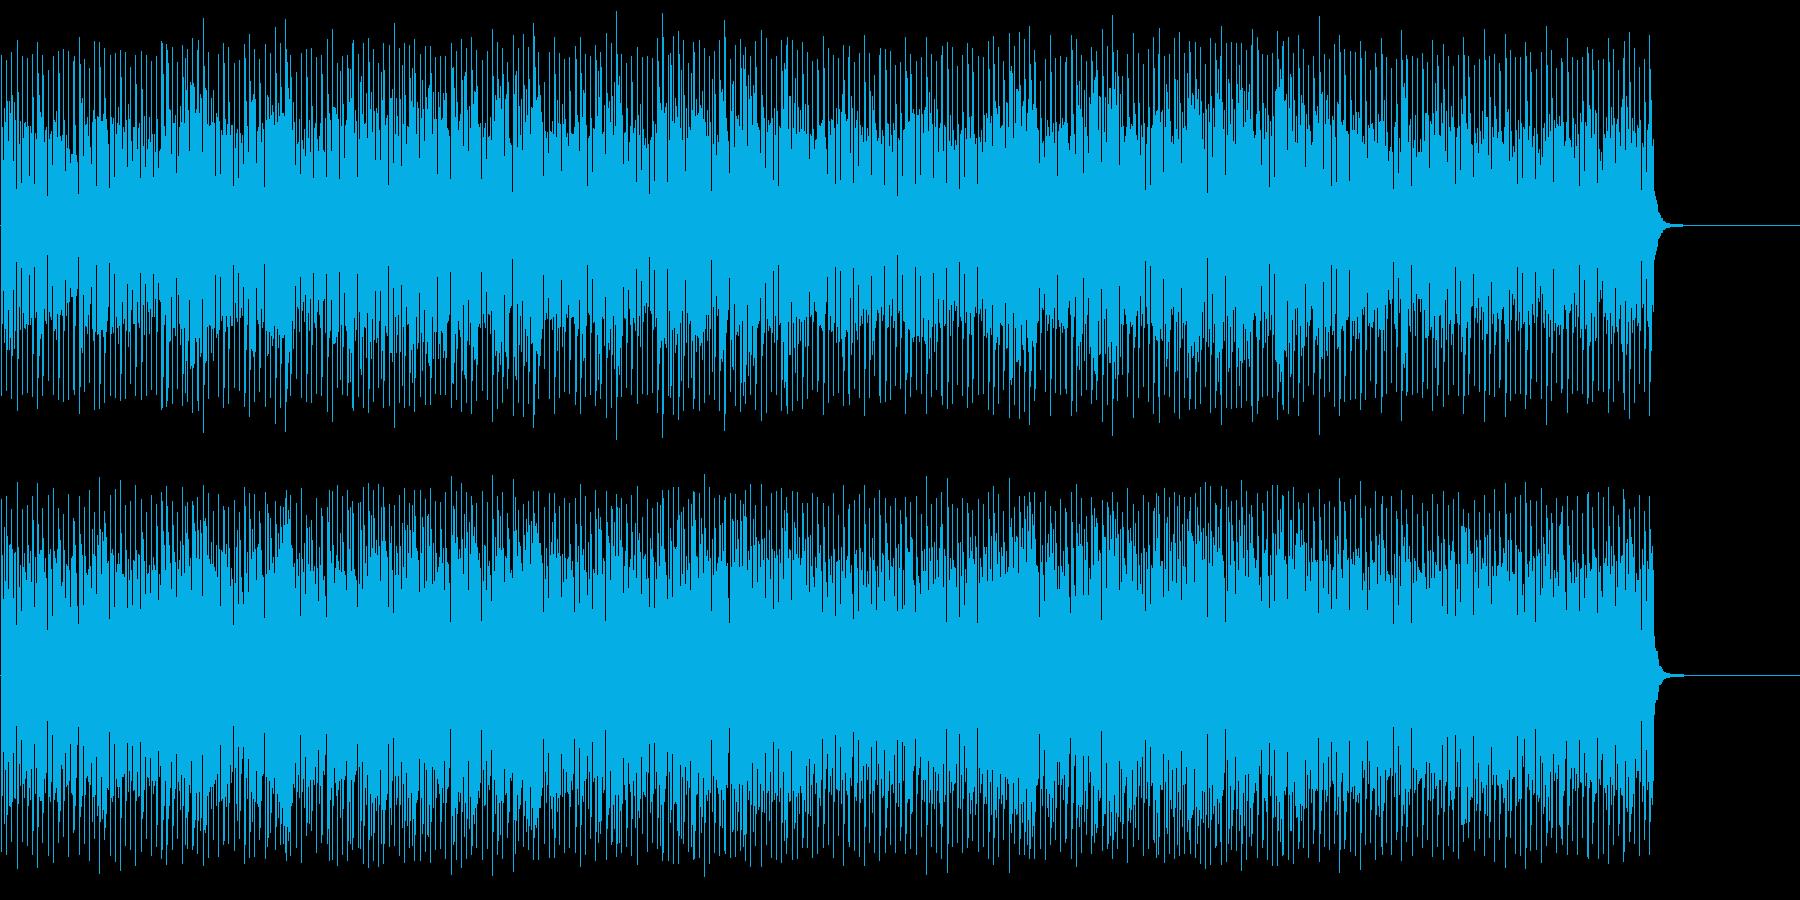 夏をイメージした楽曲の再生済みの波形